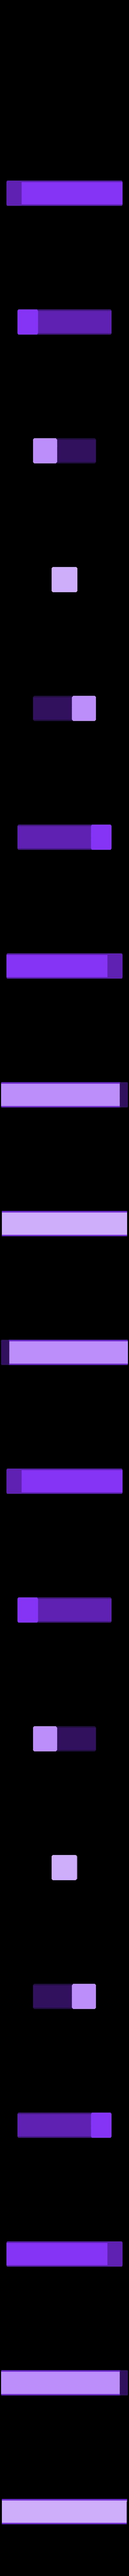 Barre_Pleine.stl Download free STL file Mini Puzzle Puzzle • 3D printer model, Bdz37